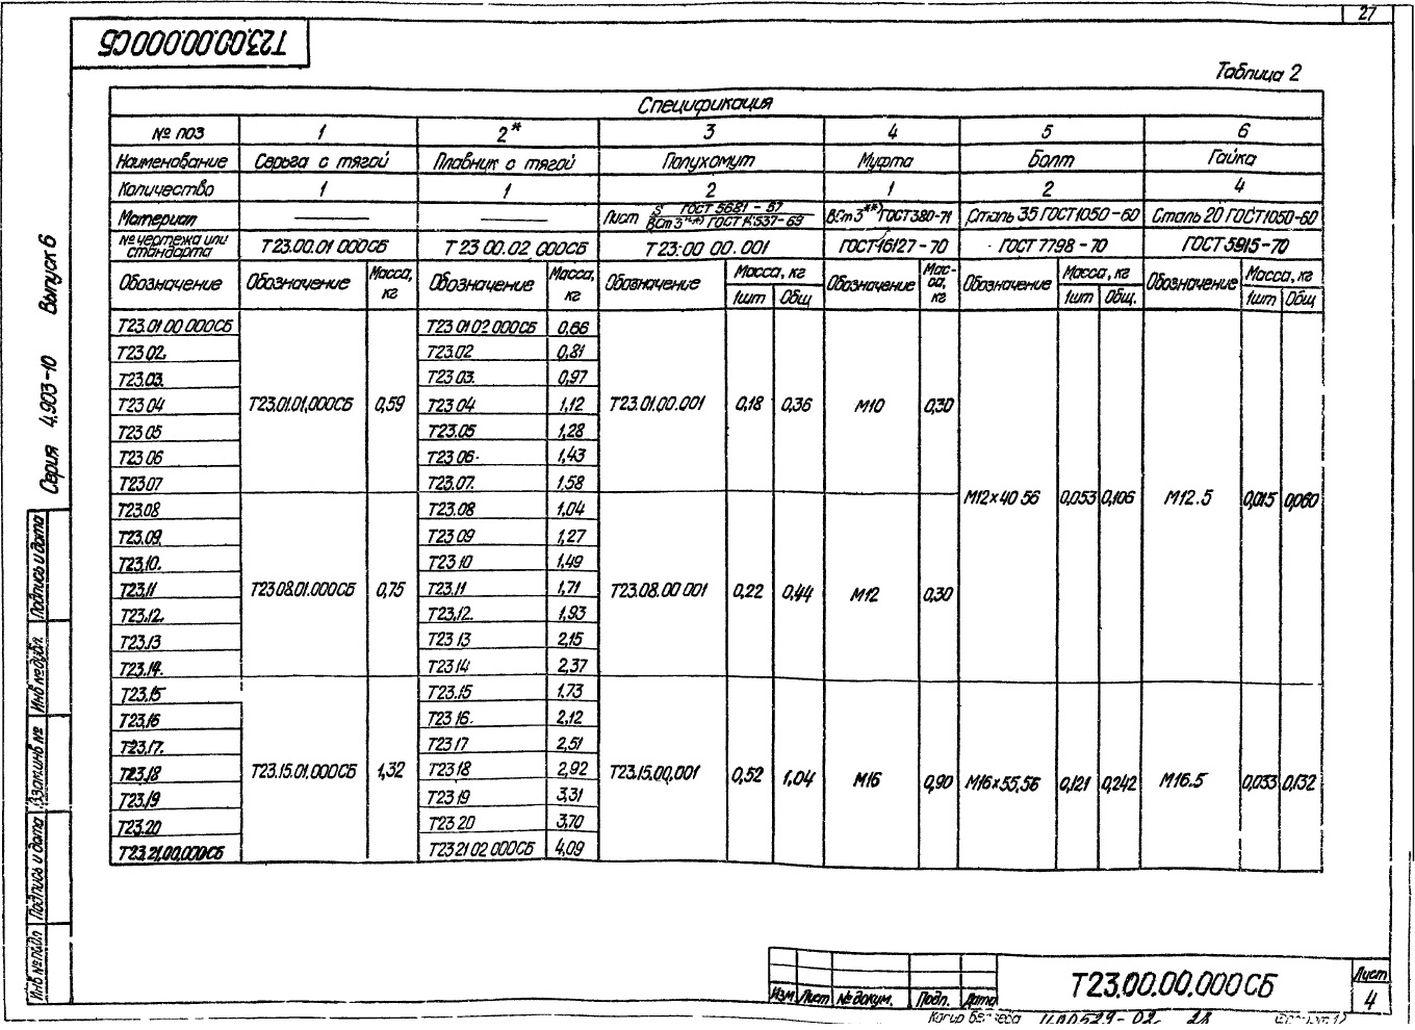 Опора подвижная жесткая Т23 с.4.903-10 вып.6 стр.4